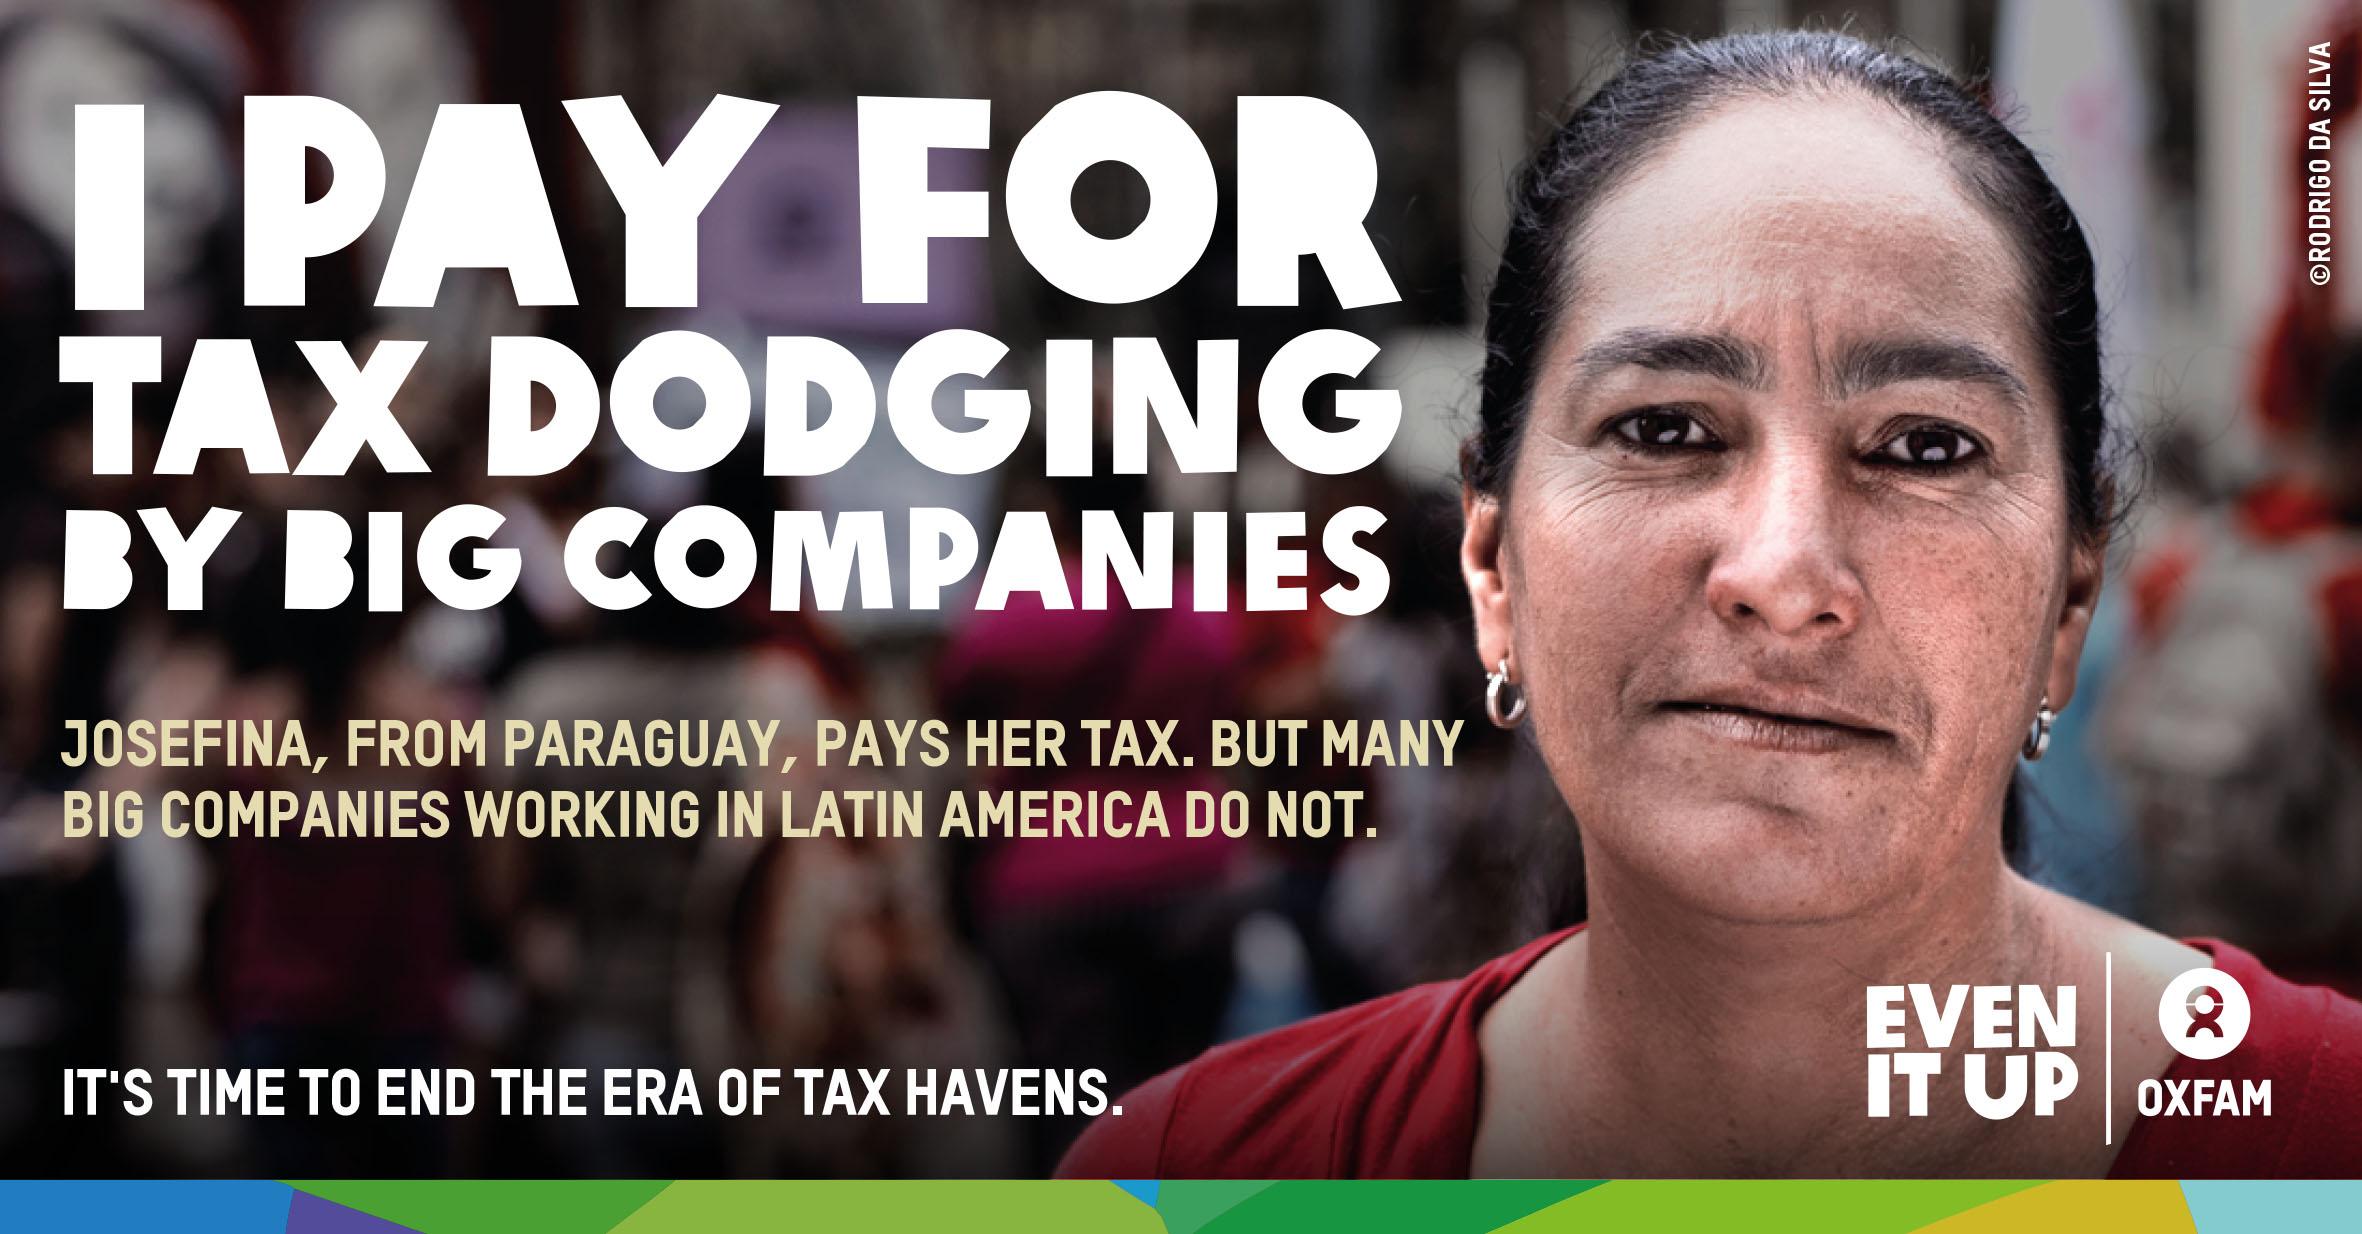 La campagna della ong Oxfam contro i paradisi fiscali